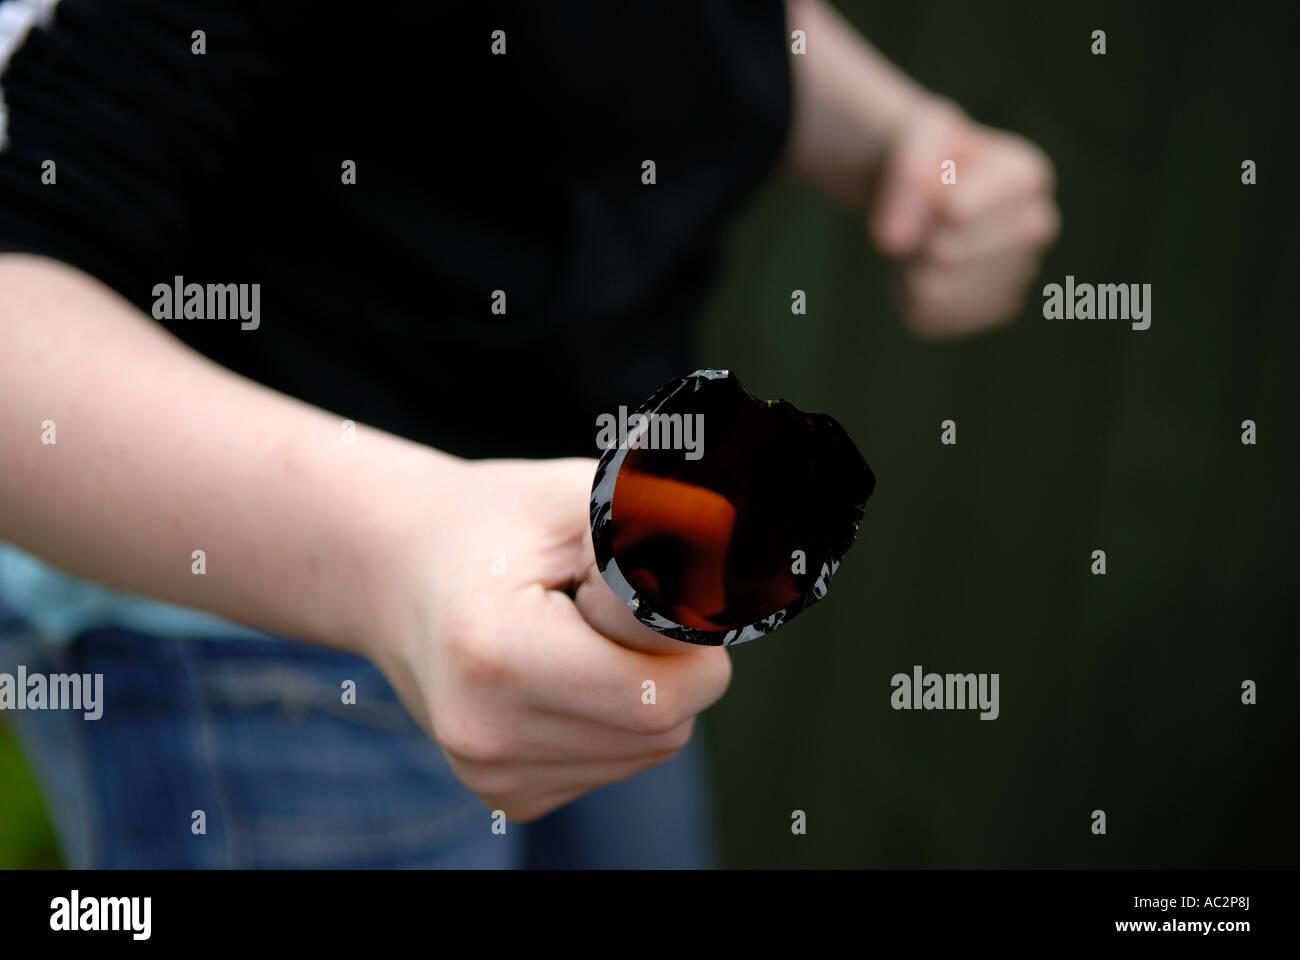 Jugend Holding zerbrochenen Flasche. Stockbild